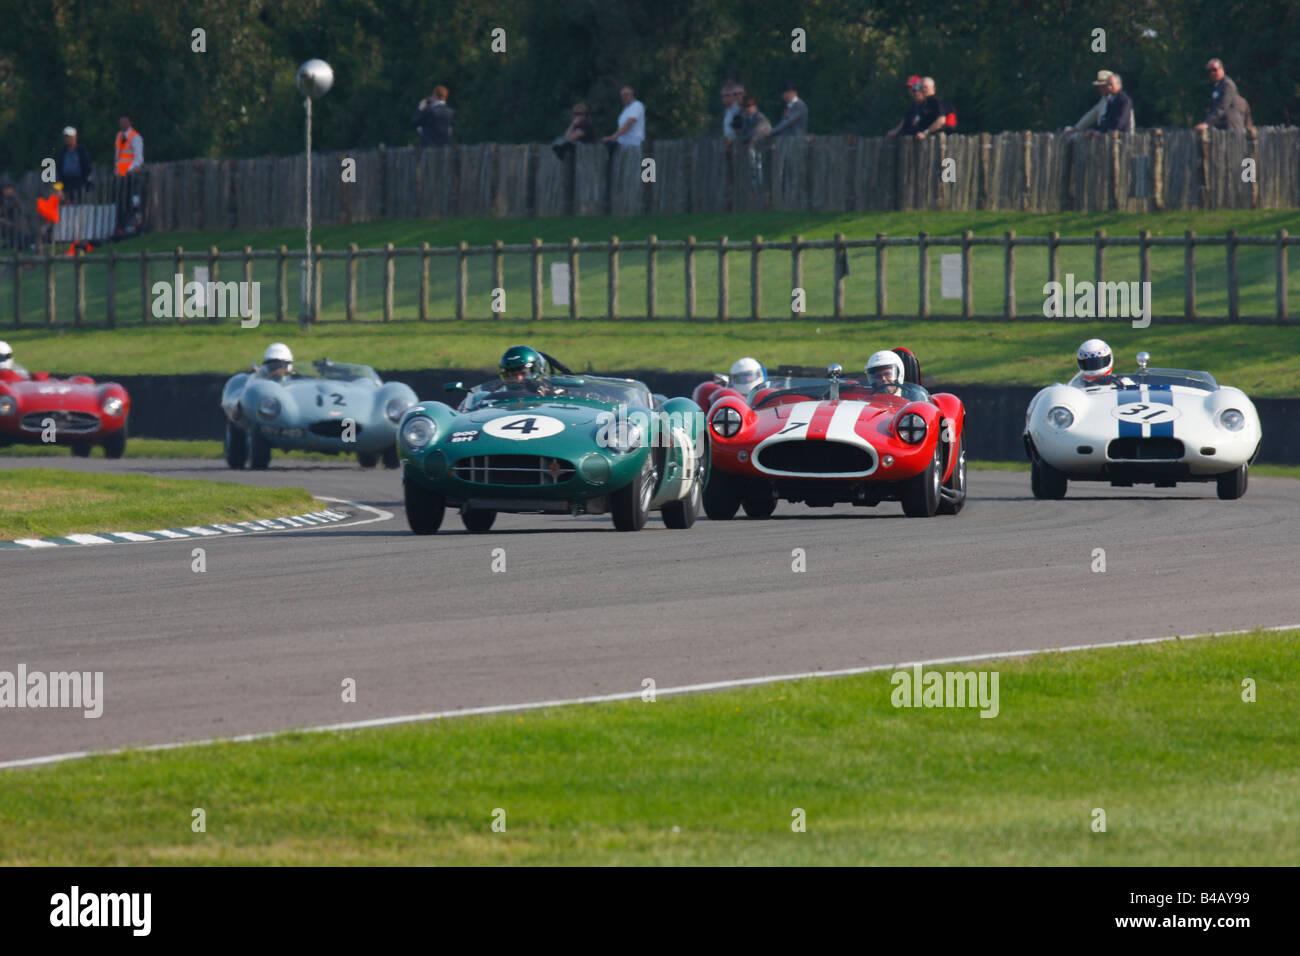 """Carreras de coches deportivos clásicos en el 2008 Encuentro """"Goodwood Revival"""" Foto de stock"""